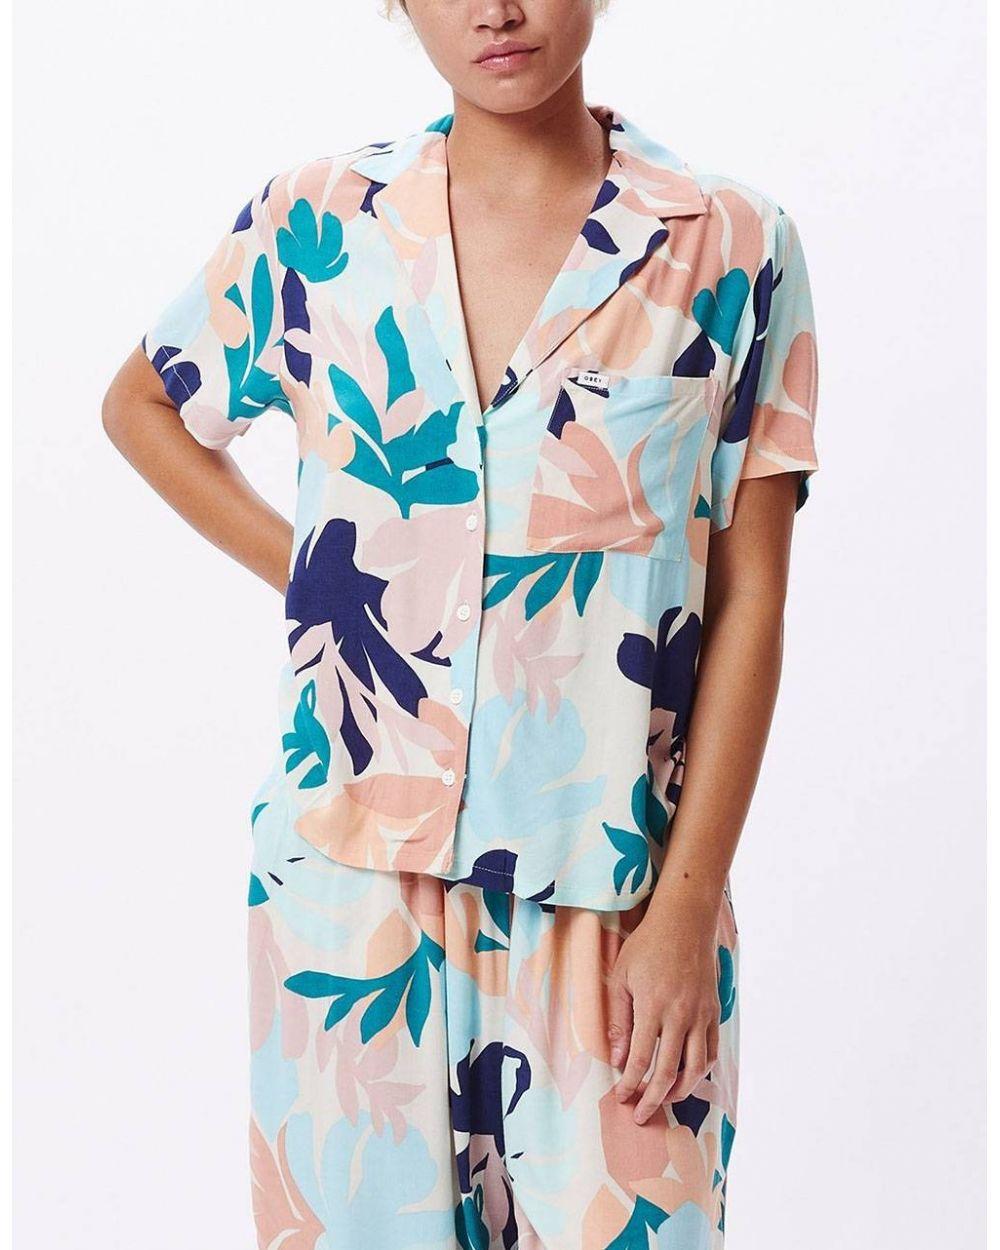 Obey Woman decoupage shirt - pecan multi obey Shirt 72,95€